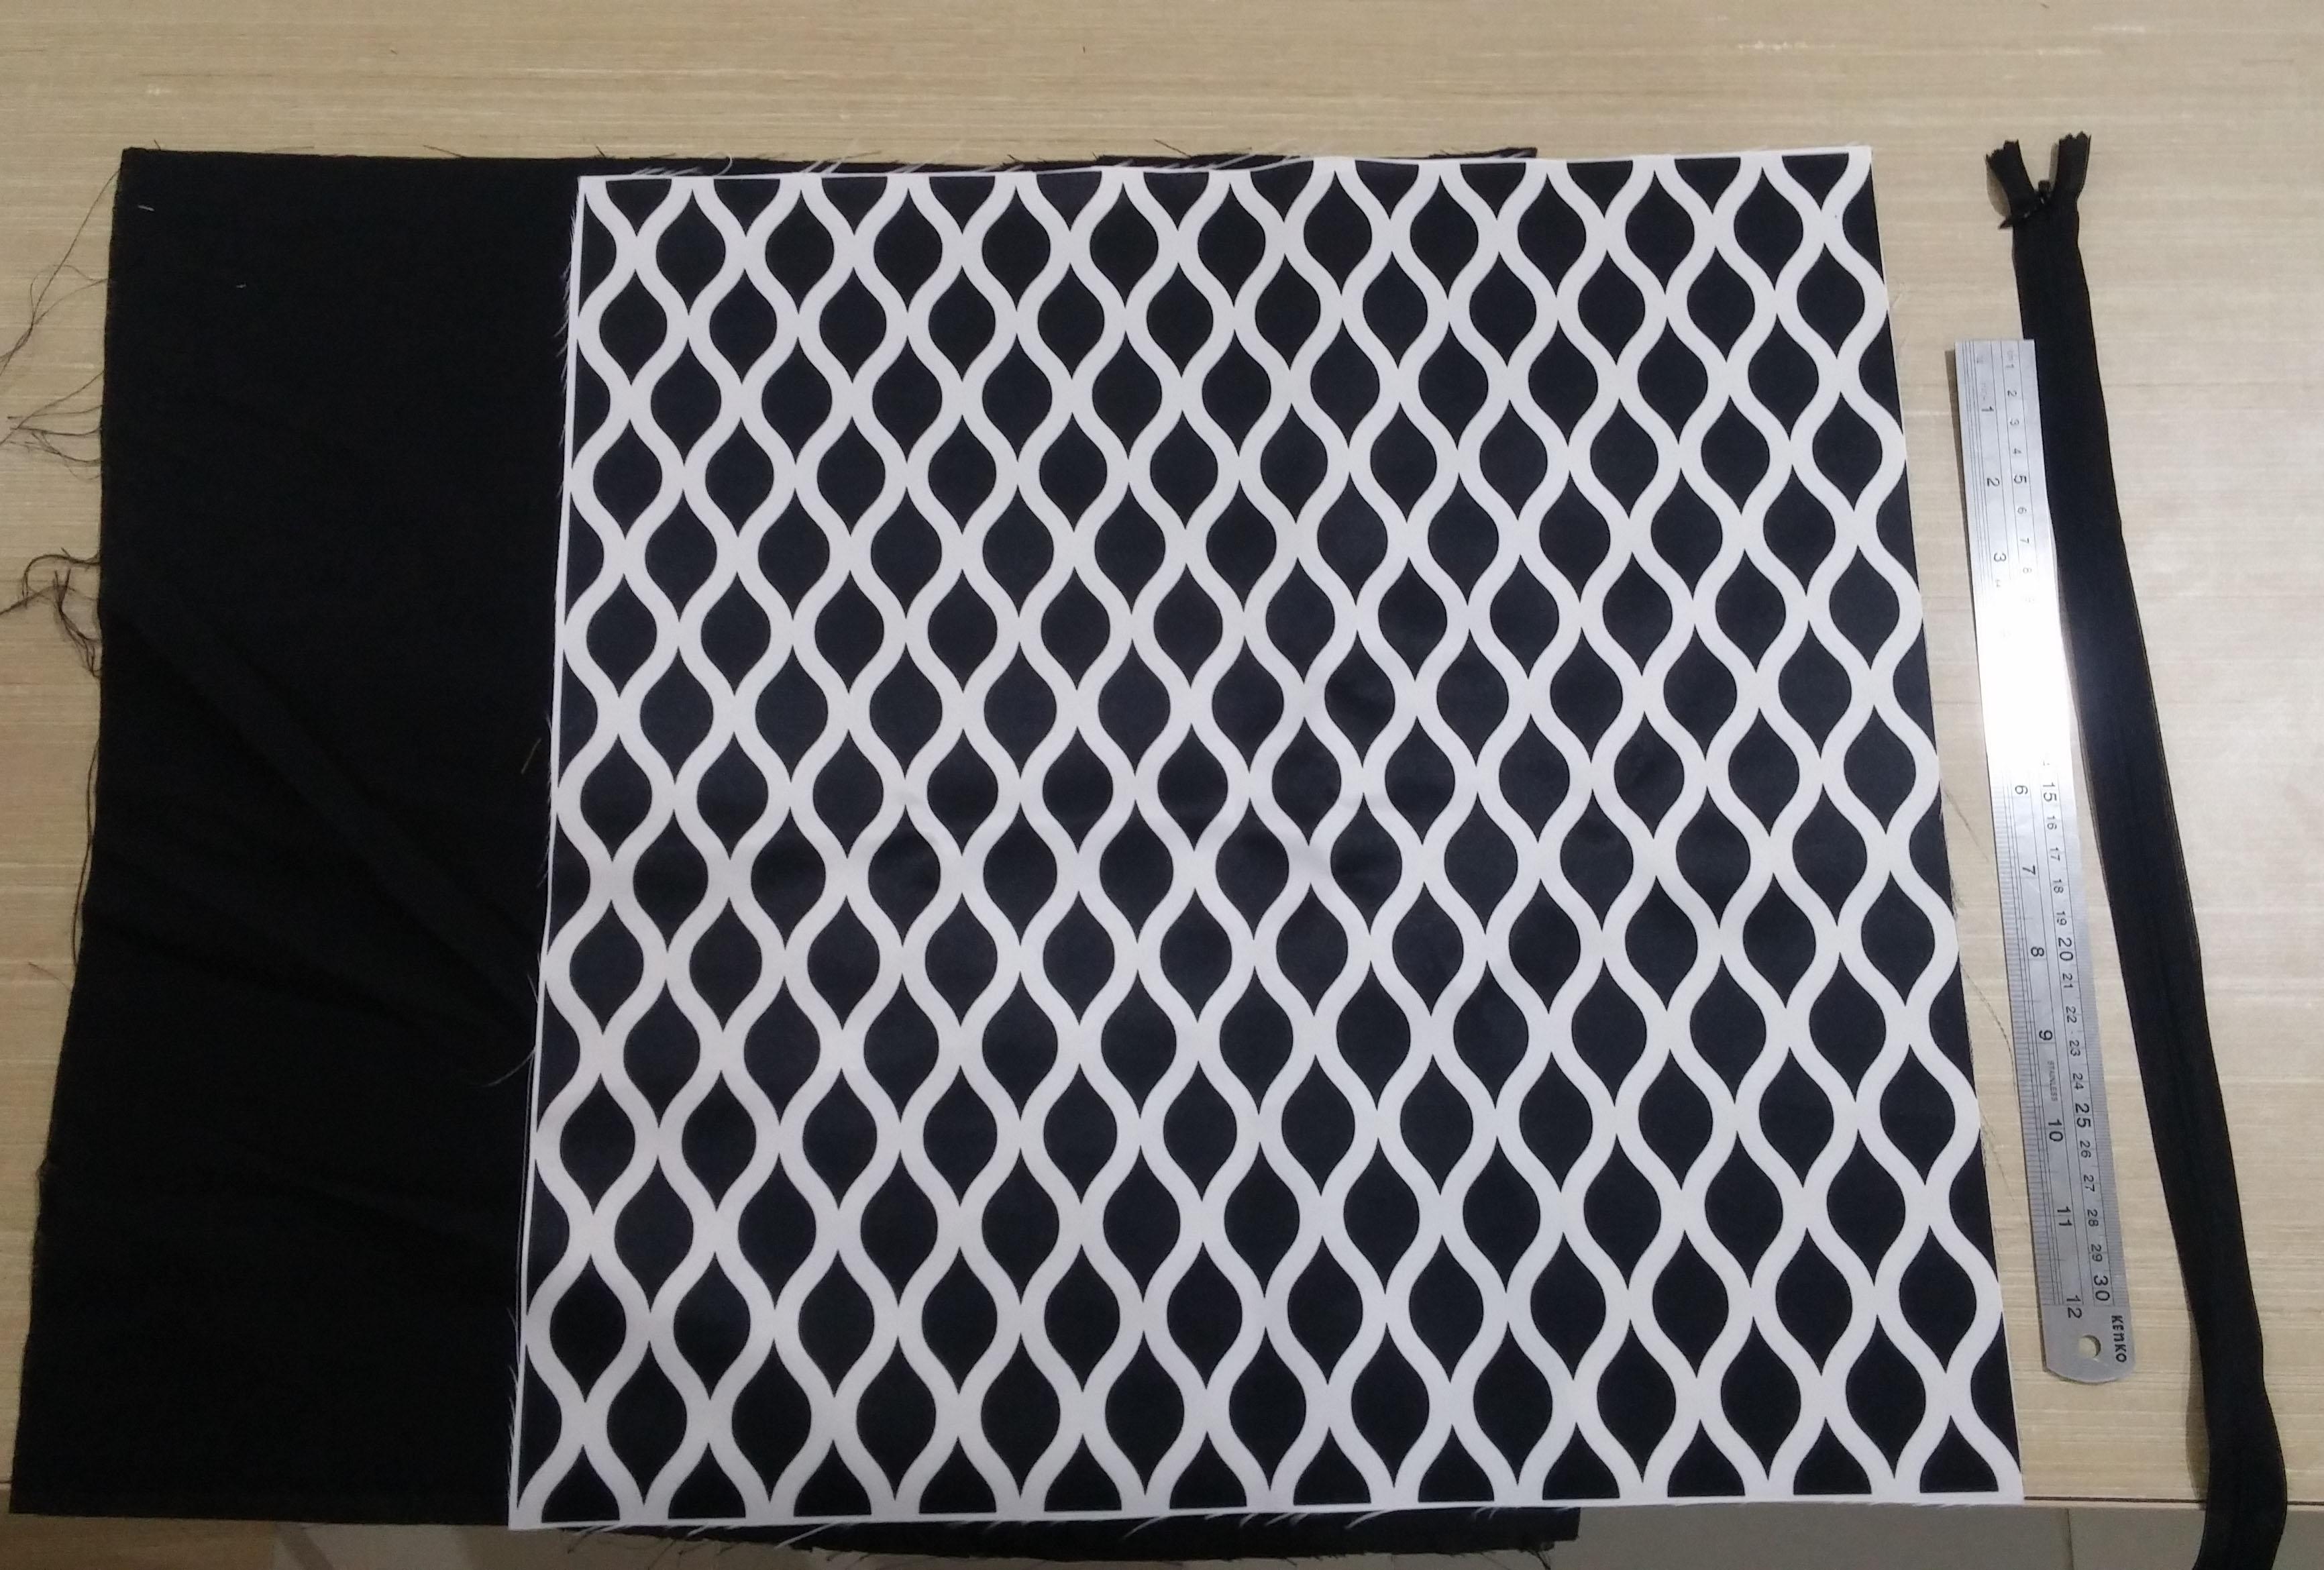 Persiapkan dua kain yang akan dijadikan bantal sofa